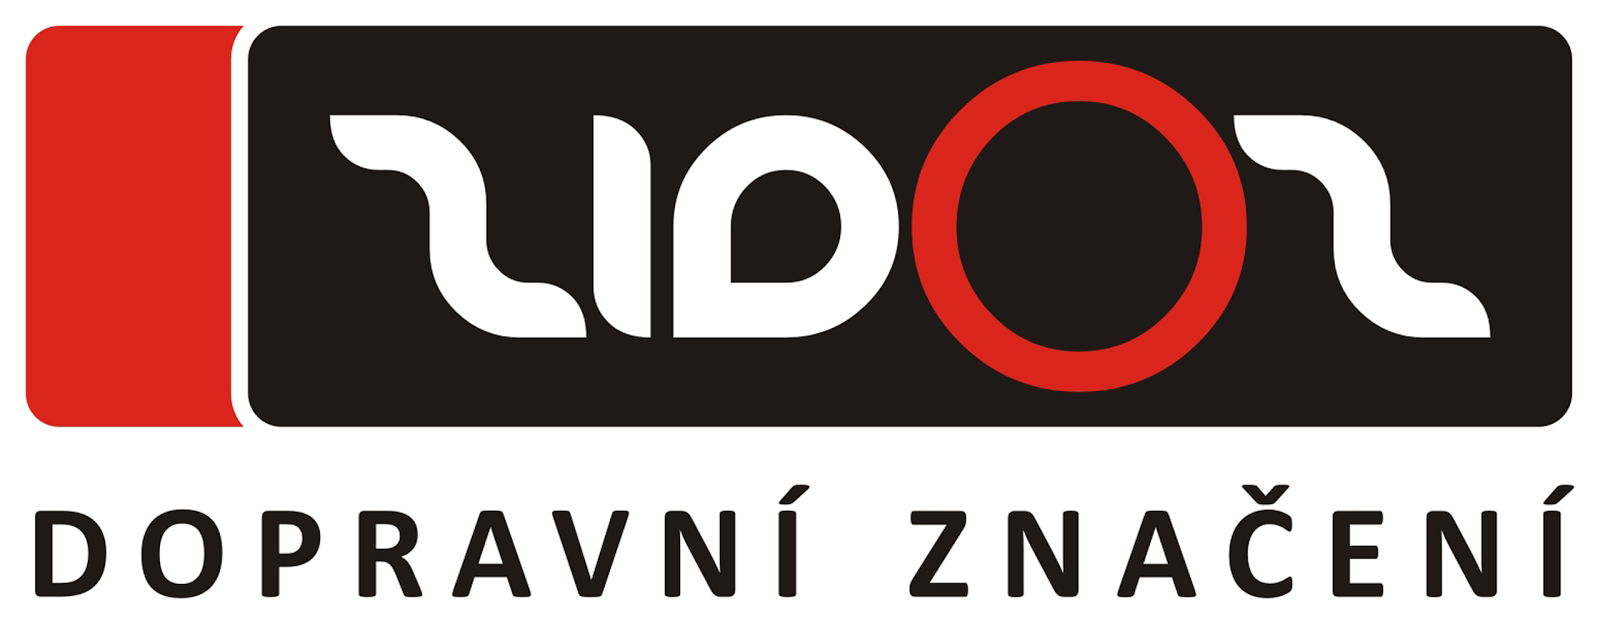 http://www.zidoz.cz/